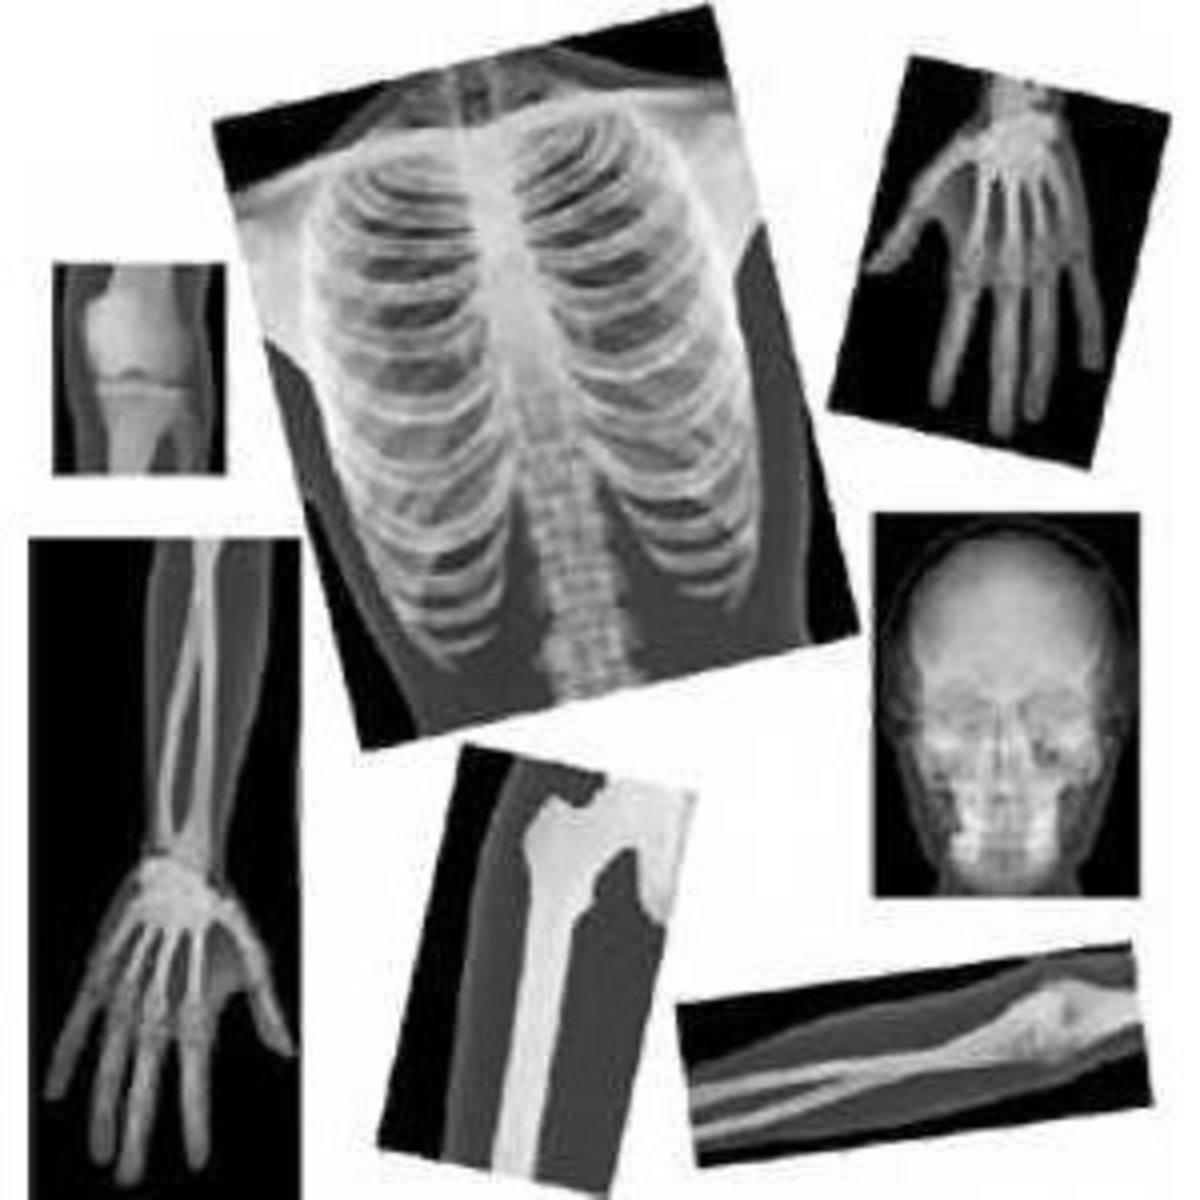 Skeleton X-Rays